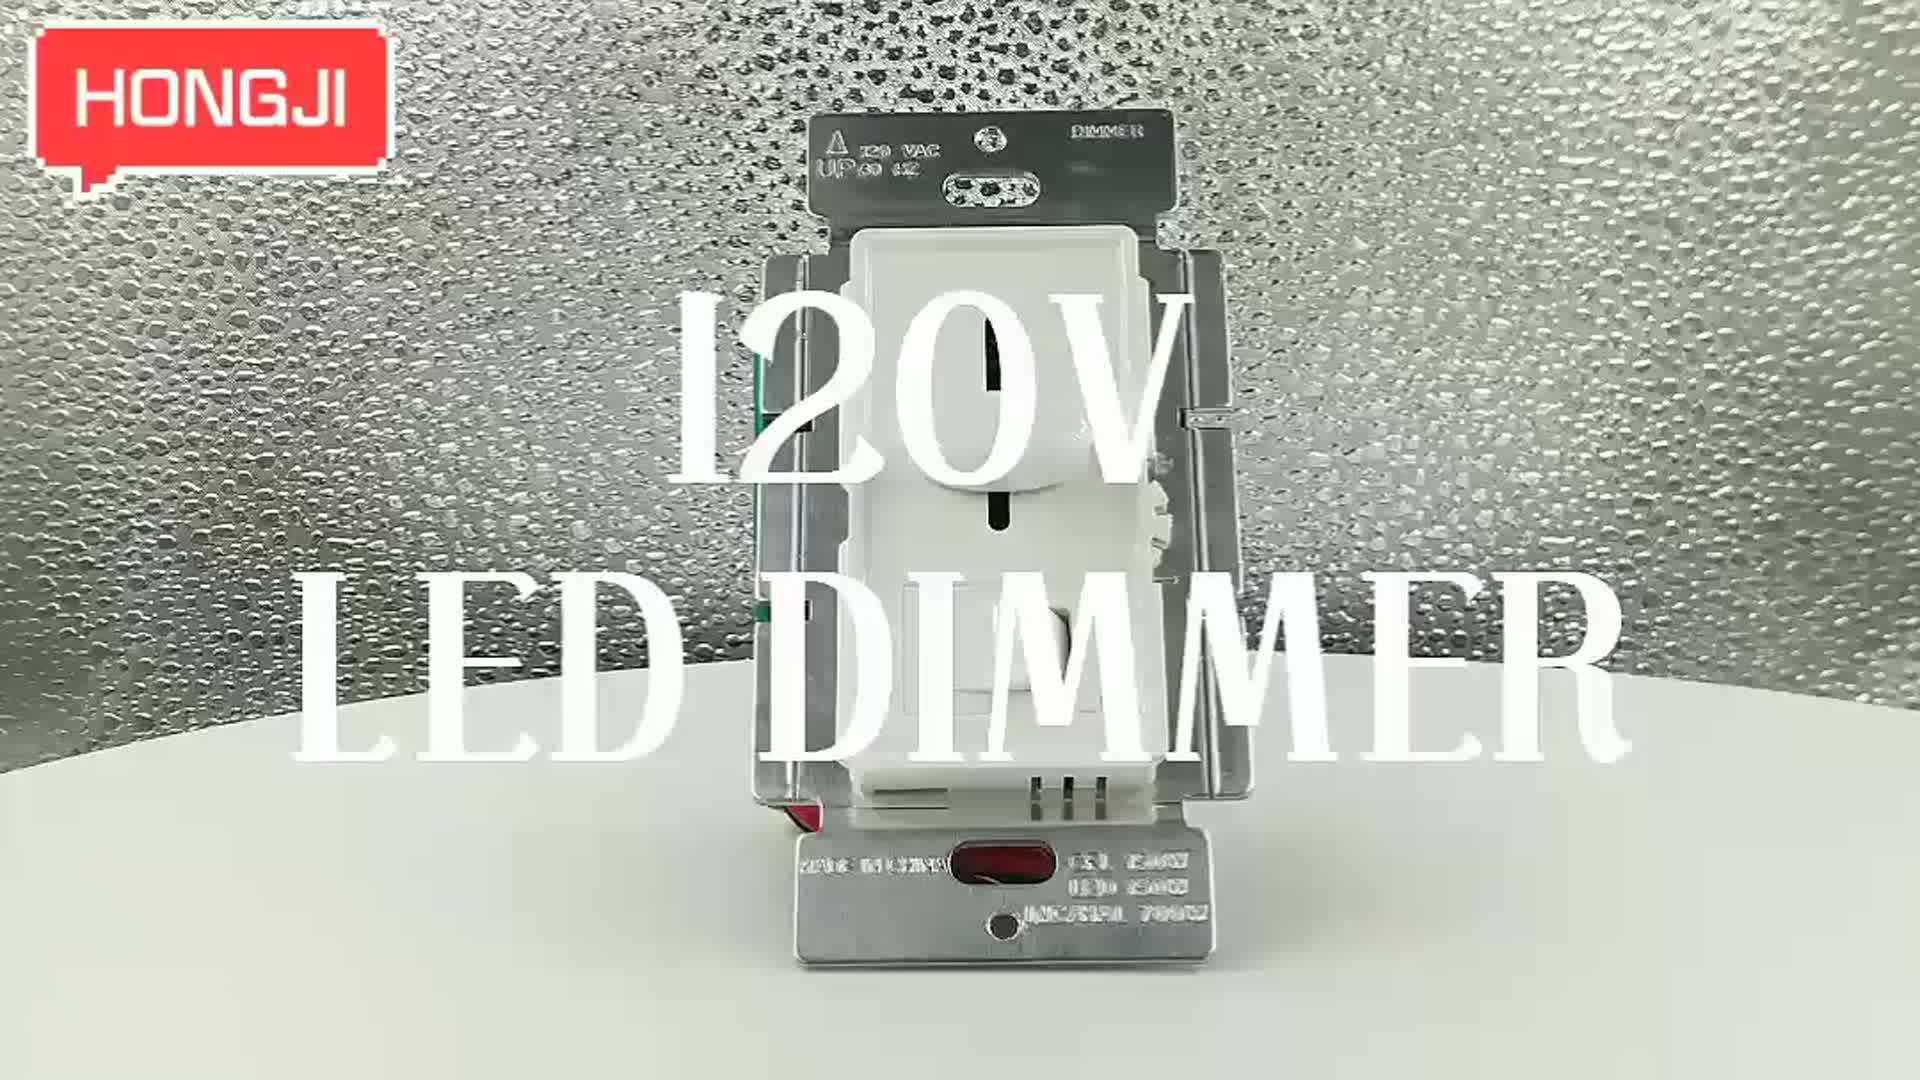 三方 120VAC 60 60hz スライド led 調光器スイッチ 150 ワット調光対応 LED で使用/CFL 700 ワット白熱